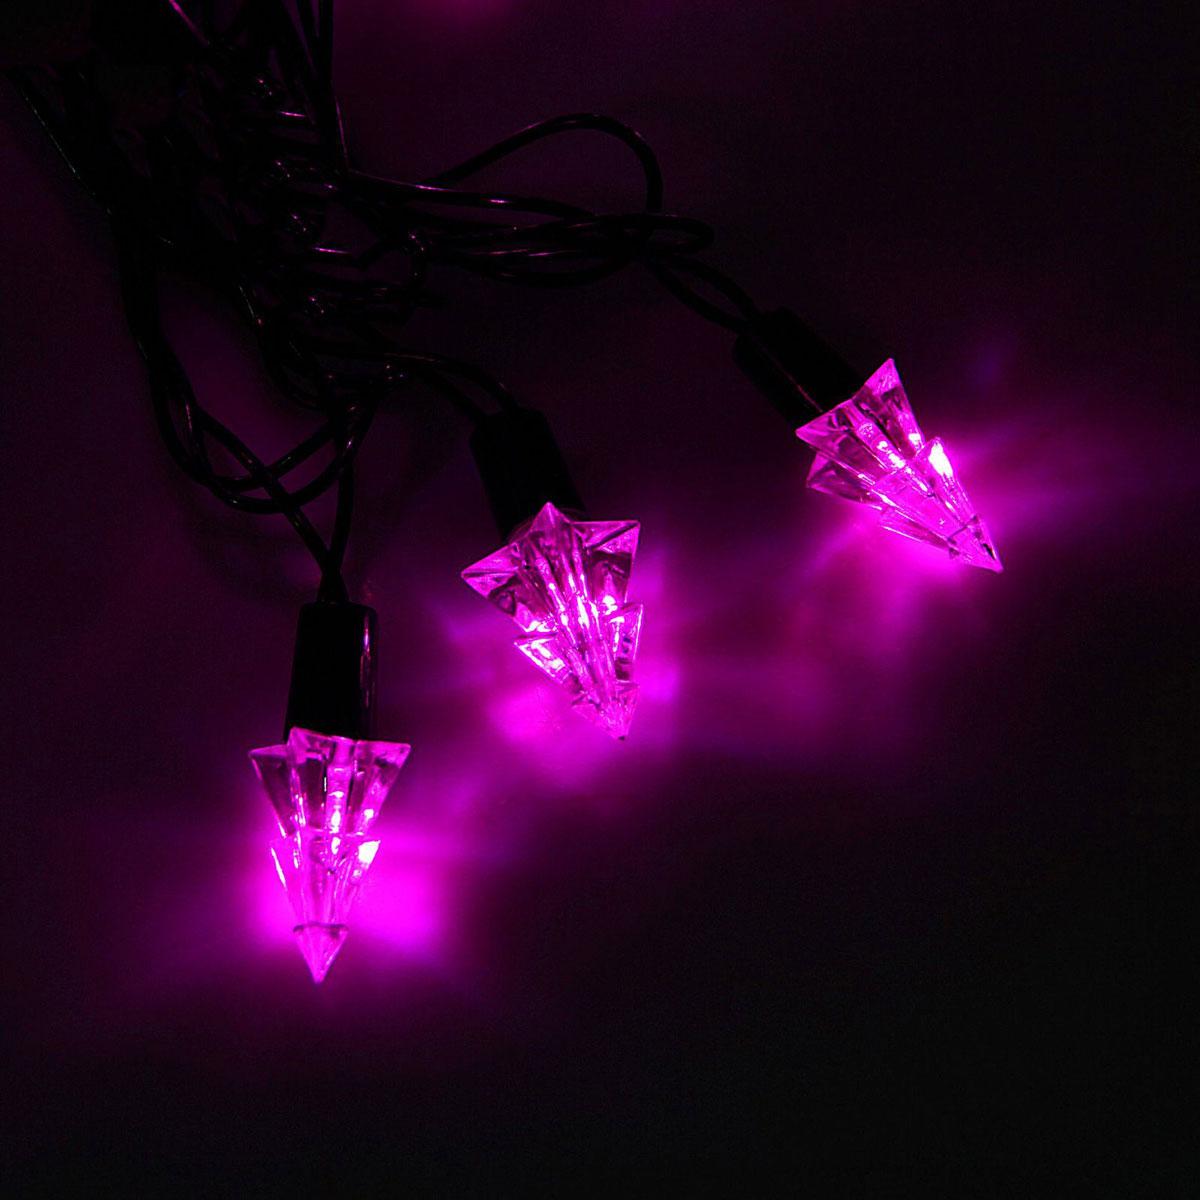 Гирлянда светодиодная Luazon Метраж. Елка маленькая, уличная с насадкой, 8 режимов, 40 ламп, 220 V, 5 м, цвет: розовый. 10800961080096Светодиодные гирлянды, ленты и т.д. — это отличный вариант для новогоднего оформления интерьера или фасада. С их помощью помещение любого размера можно превратить в праздничный зал, а внешние элементы зданий, украшенные ими, мгновенно станут напоминать очертания сказочного дворца. Такие украшения создают ауру предвкушения чуда. Деревья, фасады, витрины, окна и арки будто специально созданы, чтобы вы украсили их светящимися нитями.